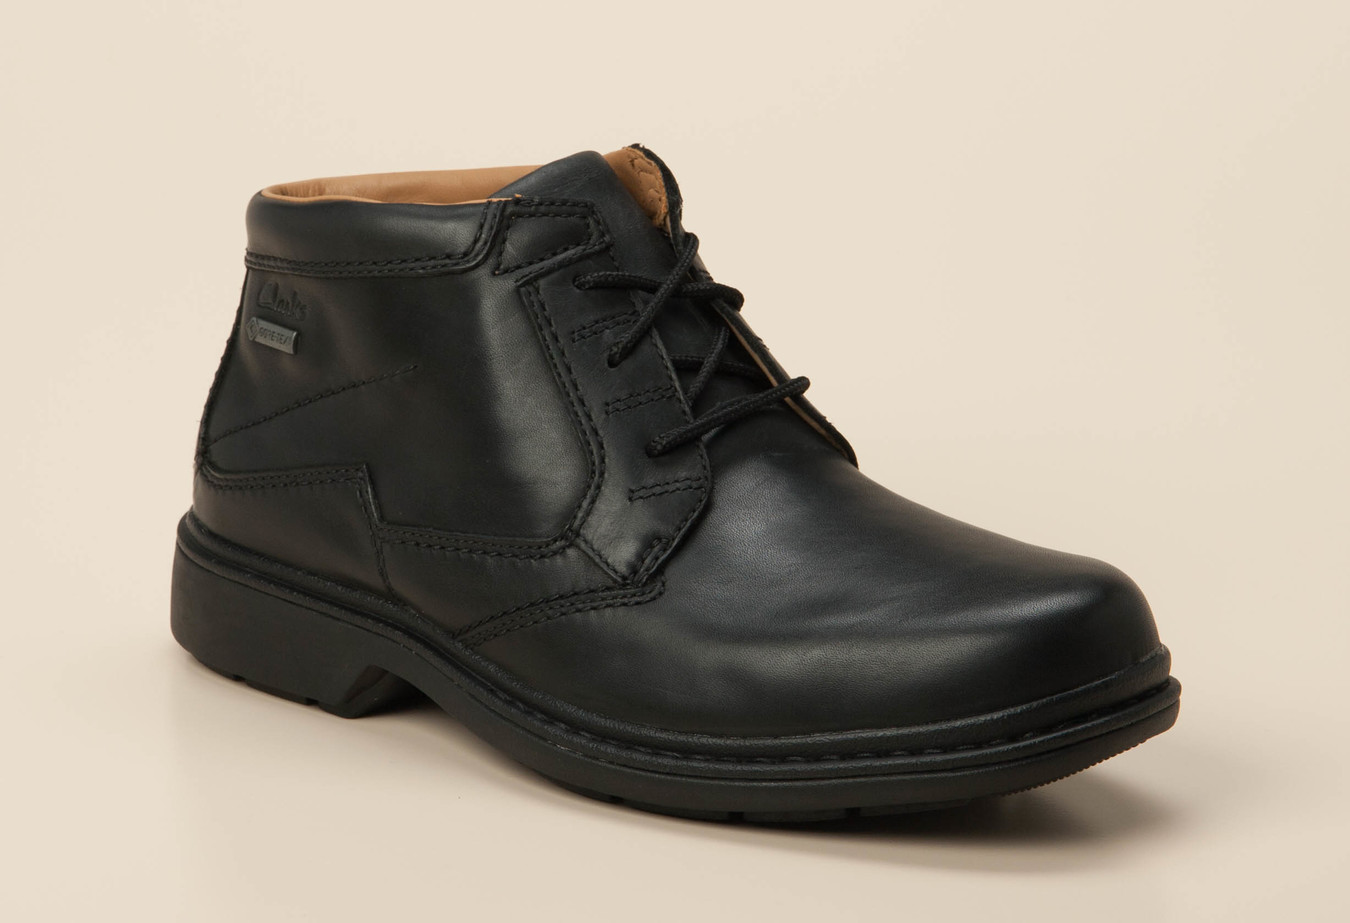 Stiefel von Clarks in Schwarz für Herren